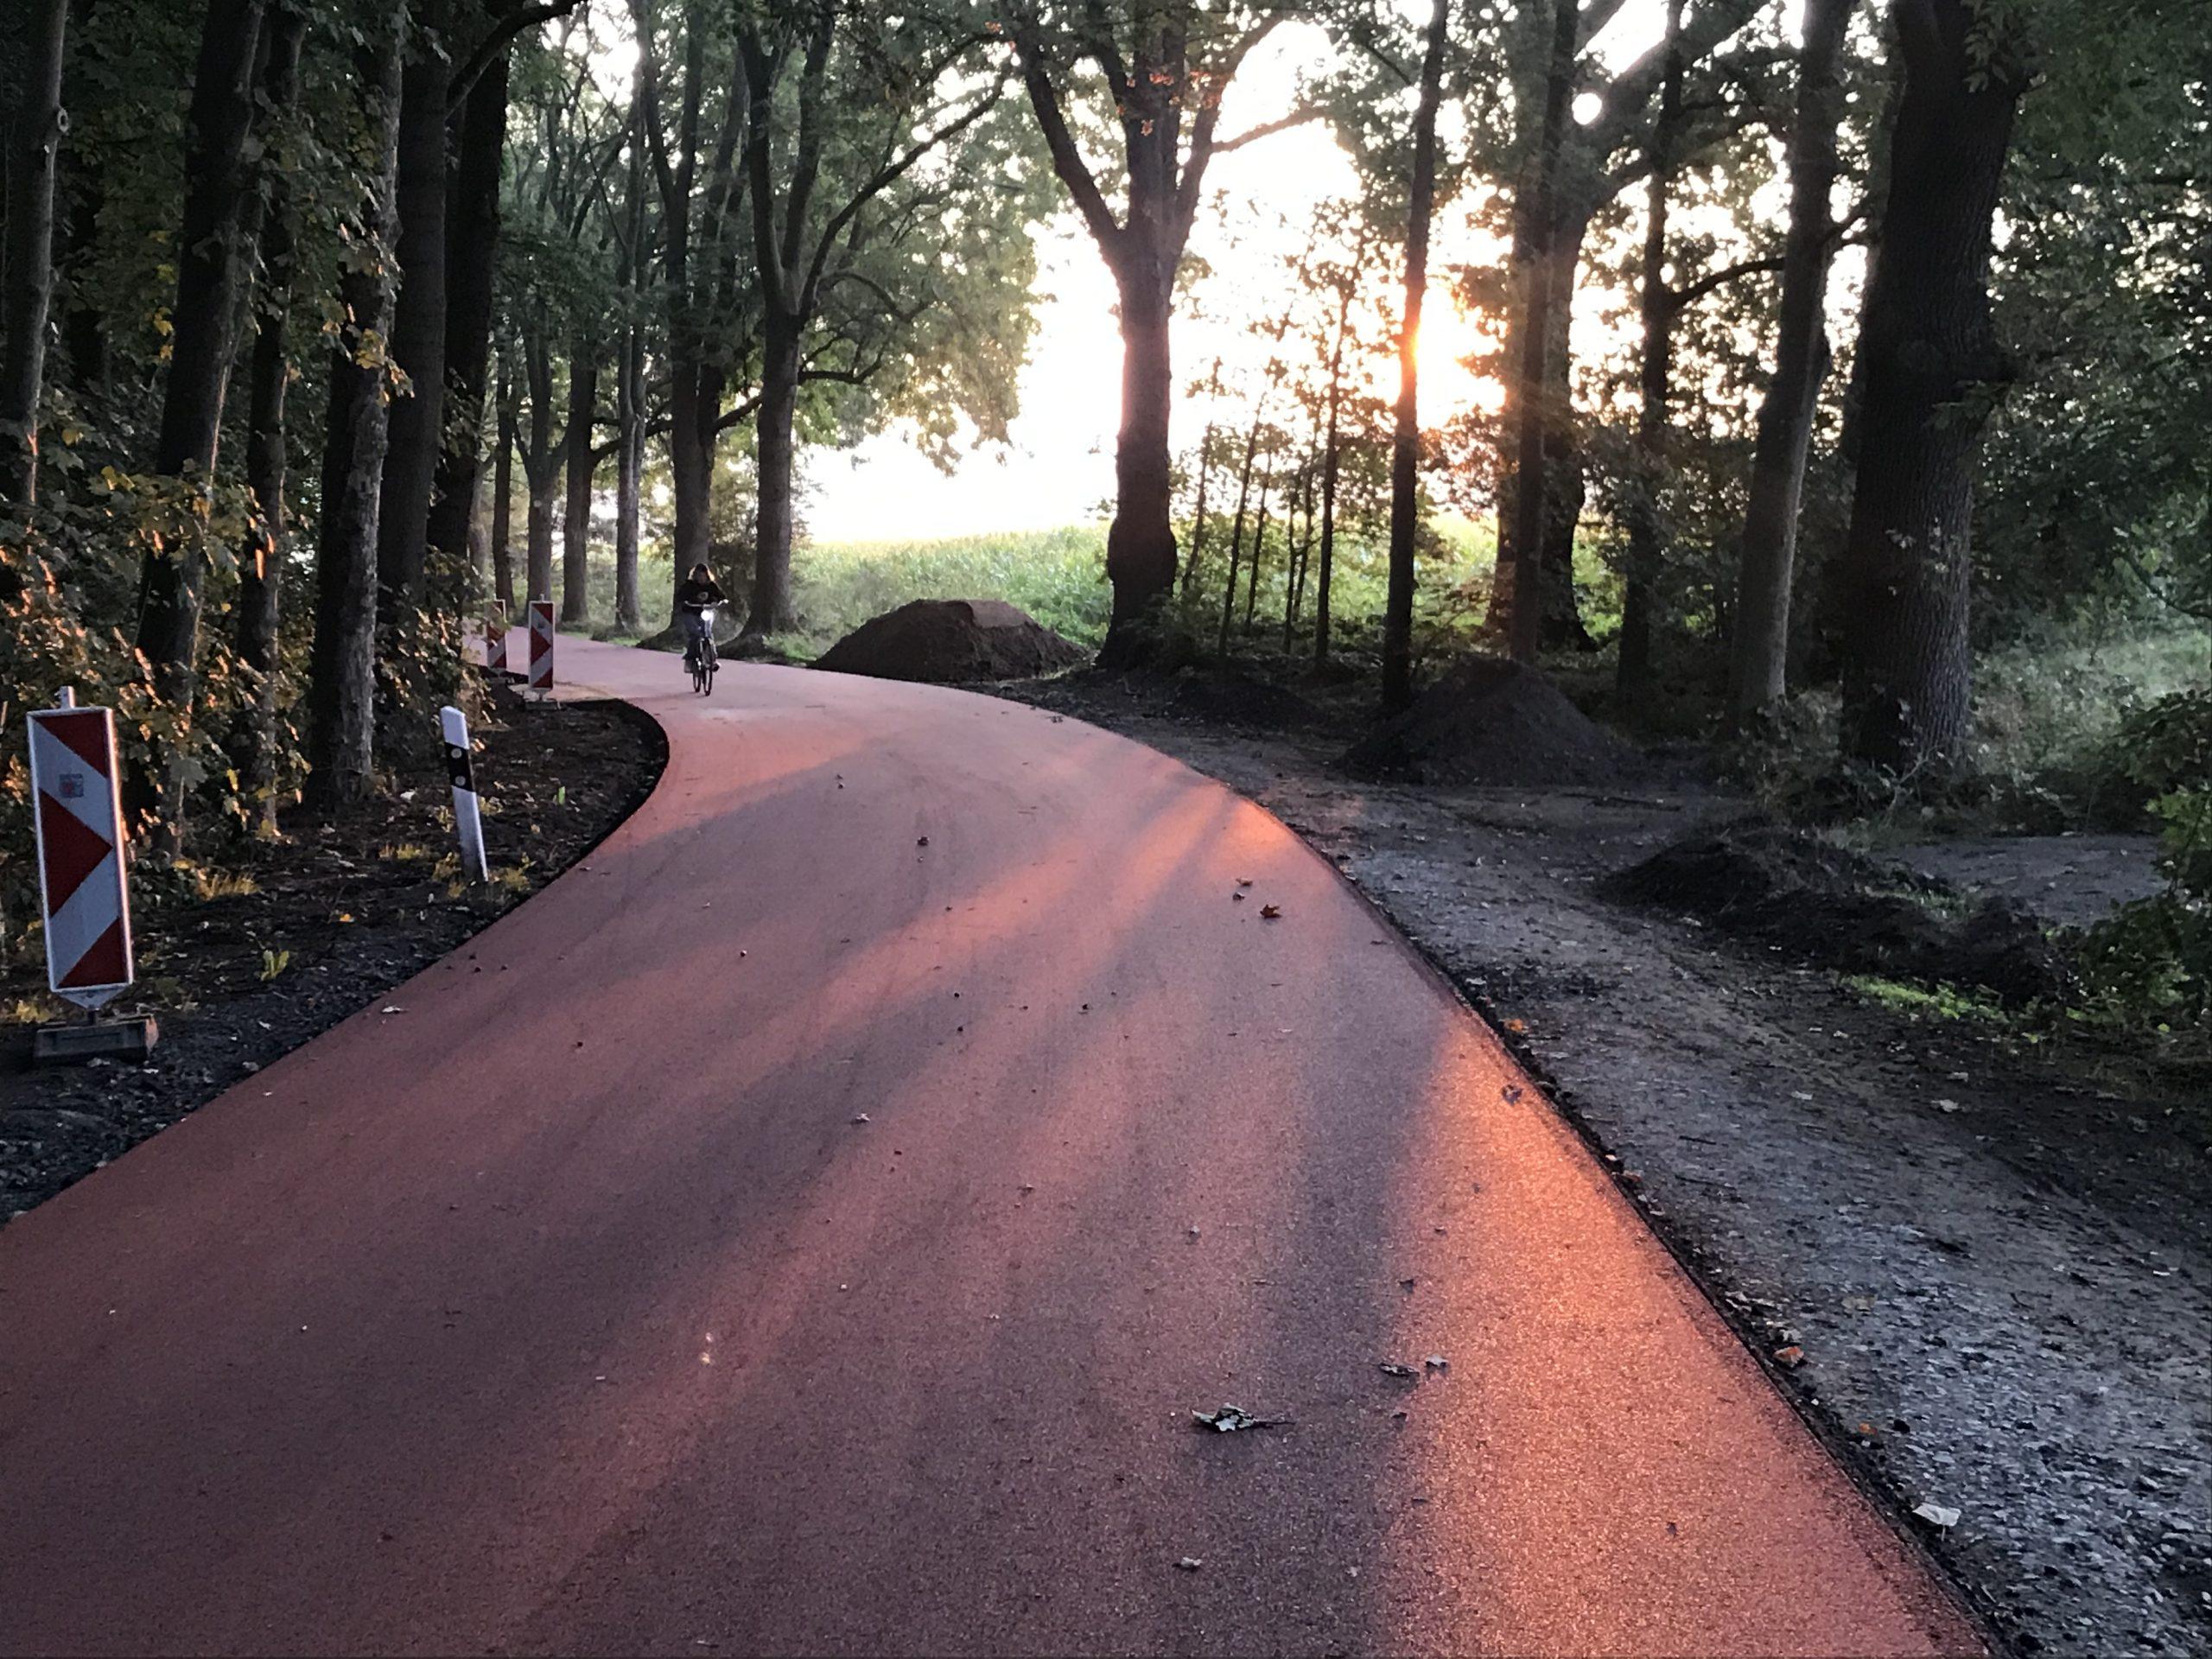 Ein Fahrradfahrer kommt auf einem Fahrradweg, der durch ein Waldstück führt entgegen.